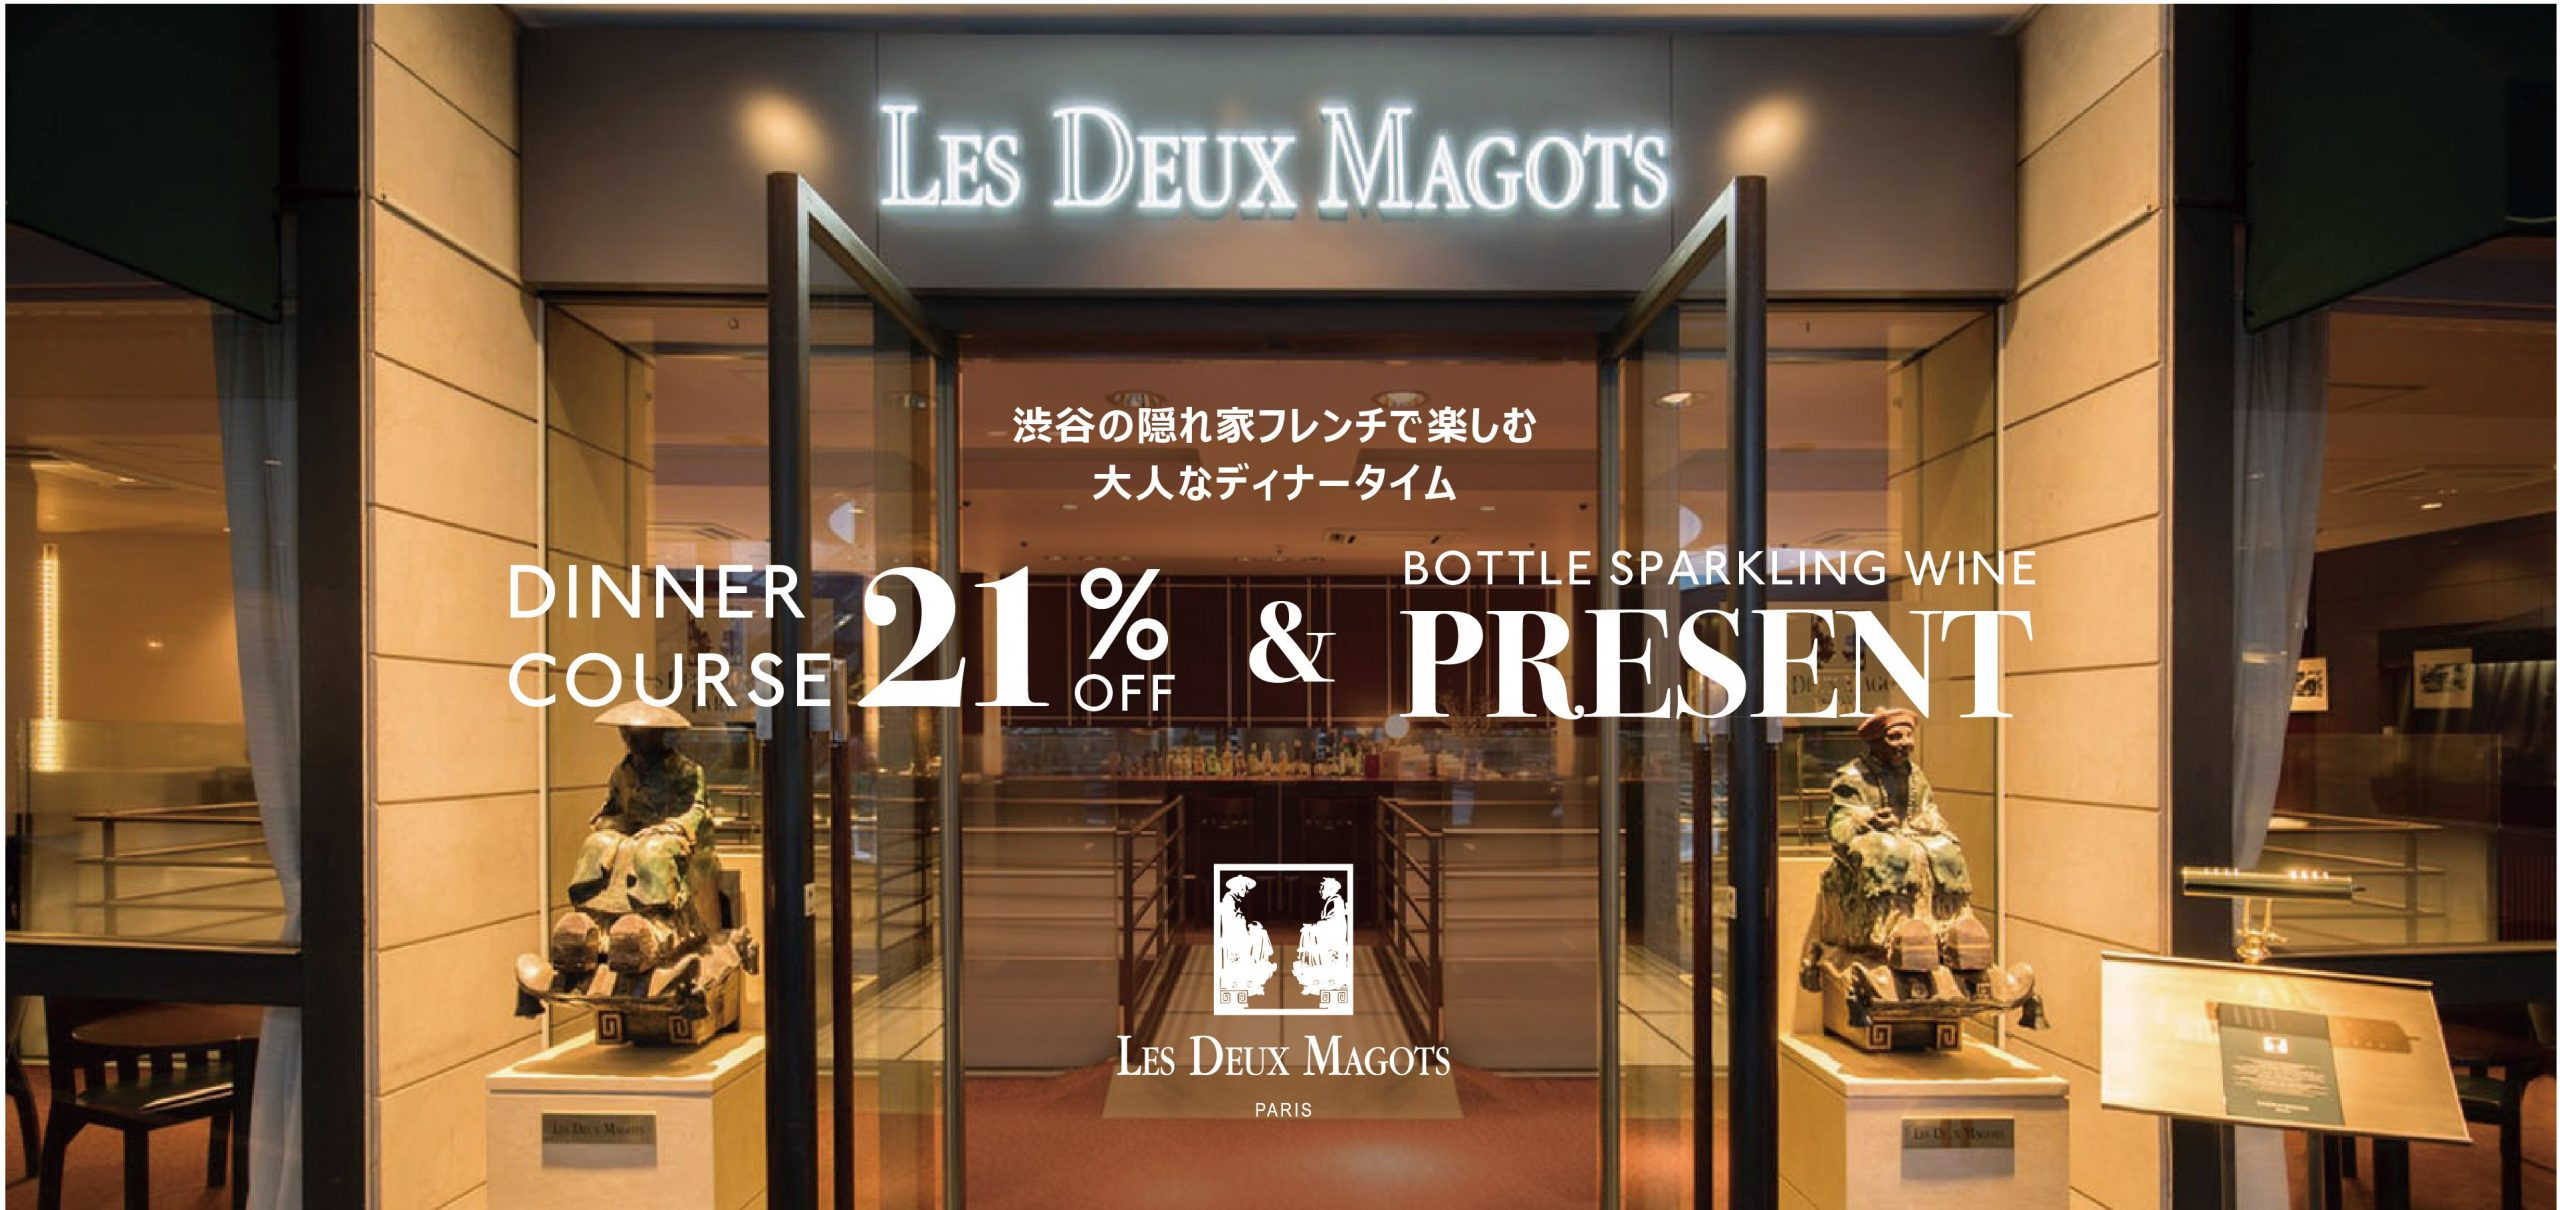 【21%OFF&スパークリングワイン1本プレゼント】渋谷の隠れ家フレンチ「ドゥマゴ」が贈る春のディナーコース